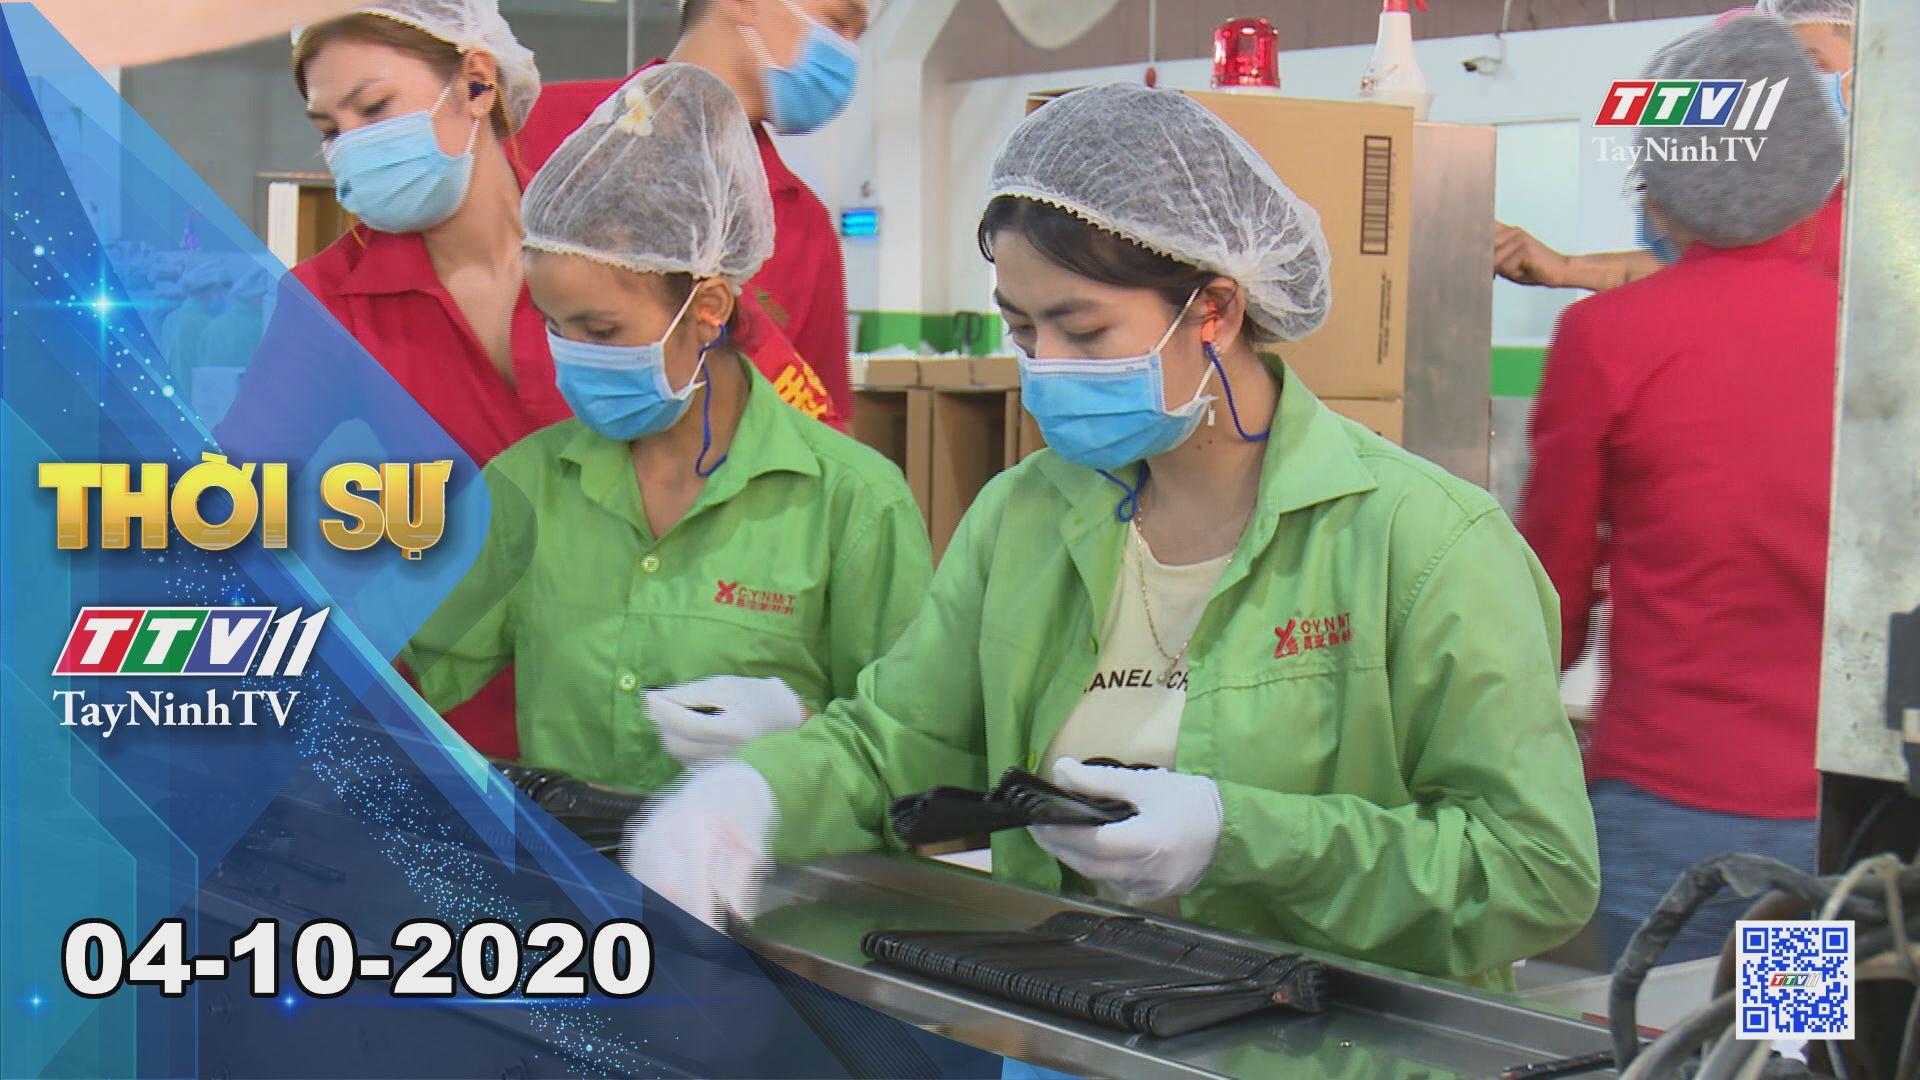 Thời sự Tây Ninh 04-10-2020 | Tin tức hôm nay | TayNinhTV